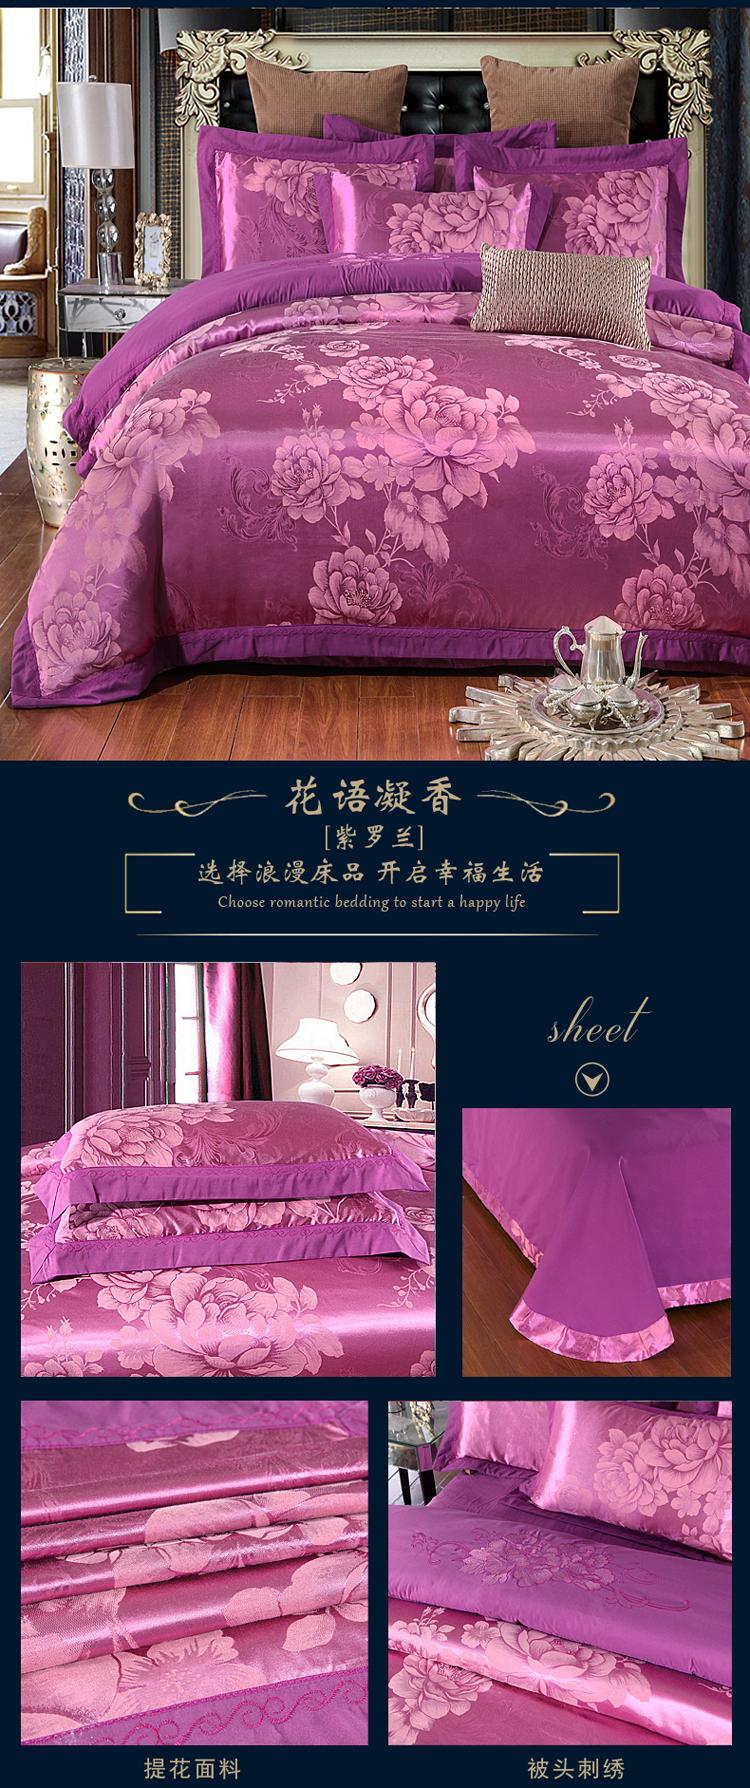 4花语凝香(紫罗兰).jpg